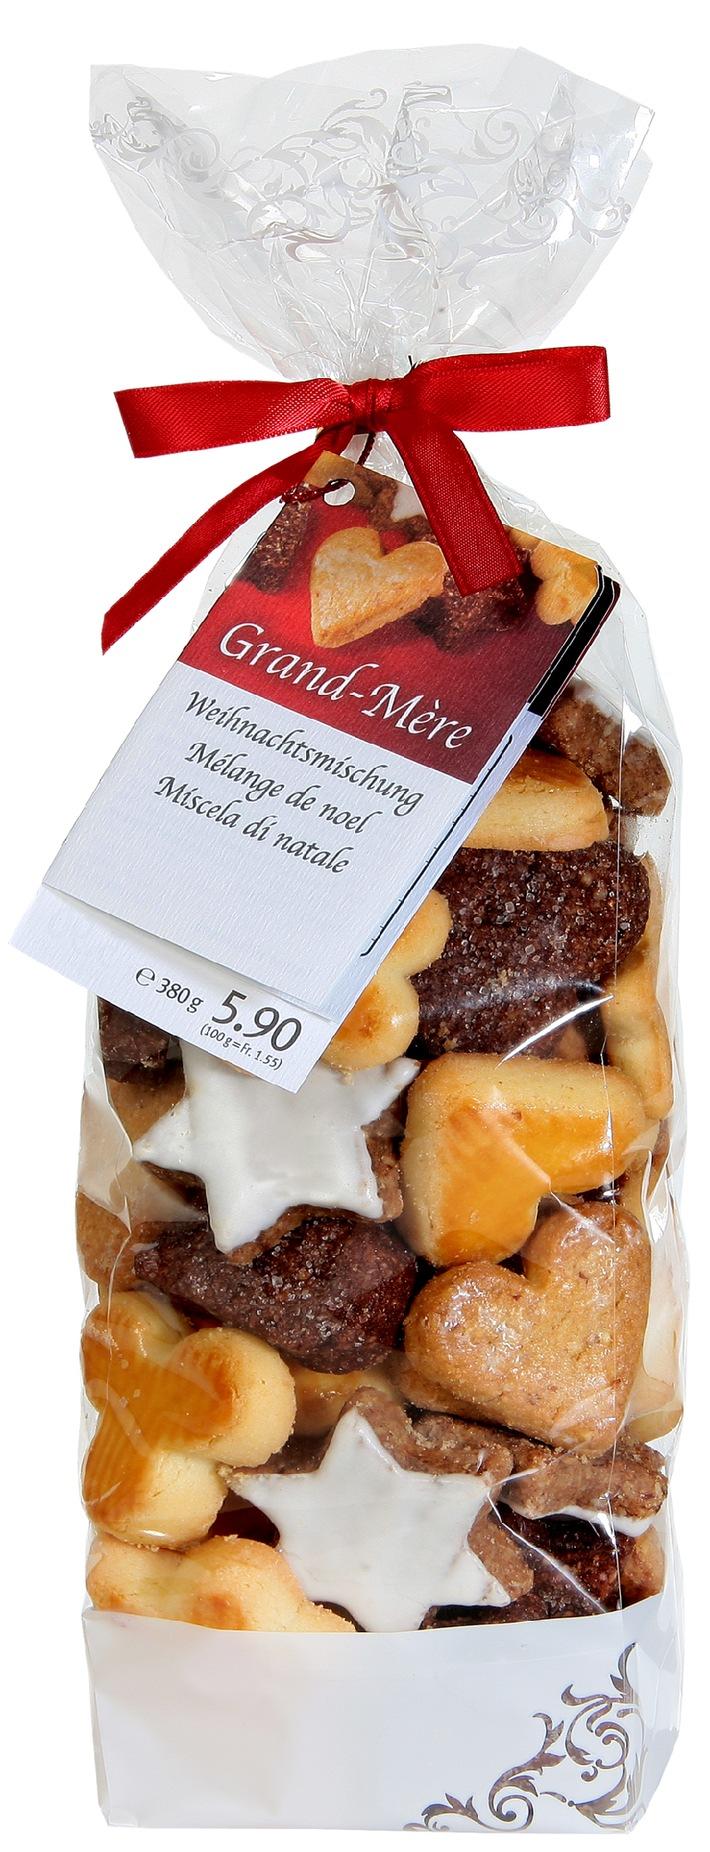 Biscotti di Natale con uova svizzere da allevamenti all'aperto